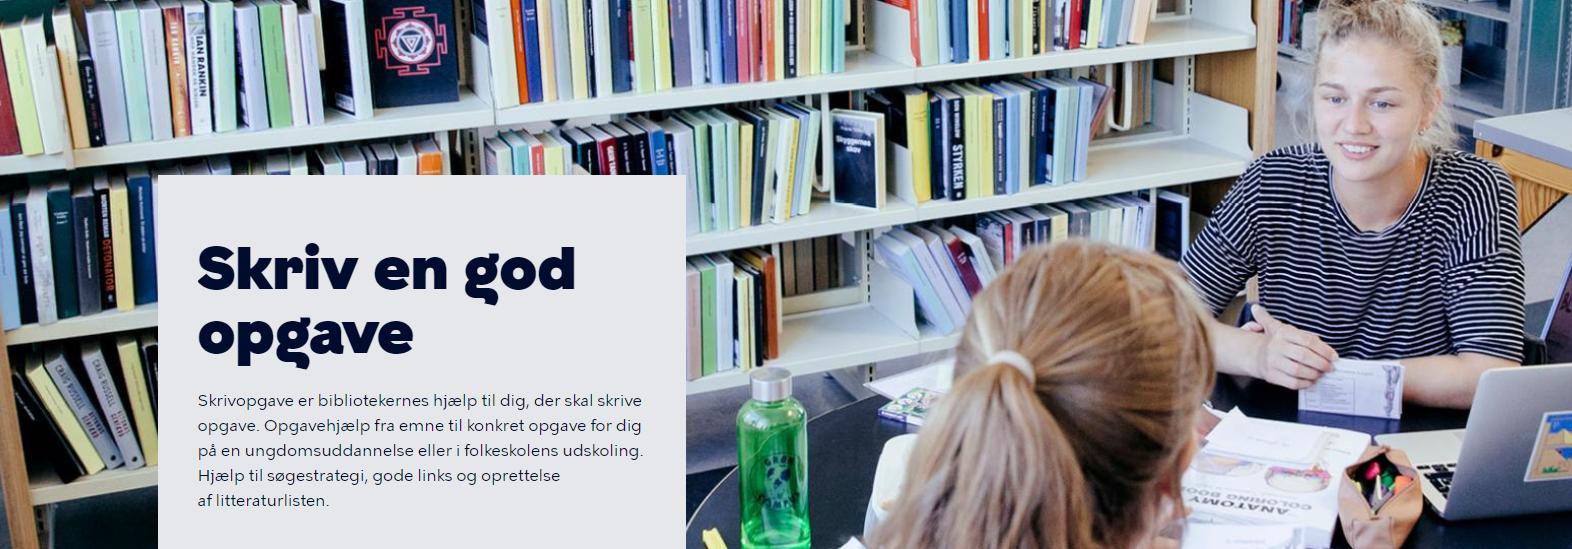 Studerende skriver opgave på et bibliotek